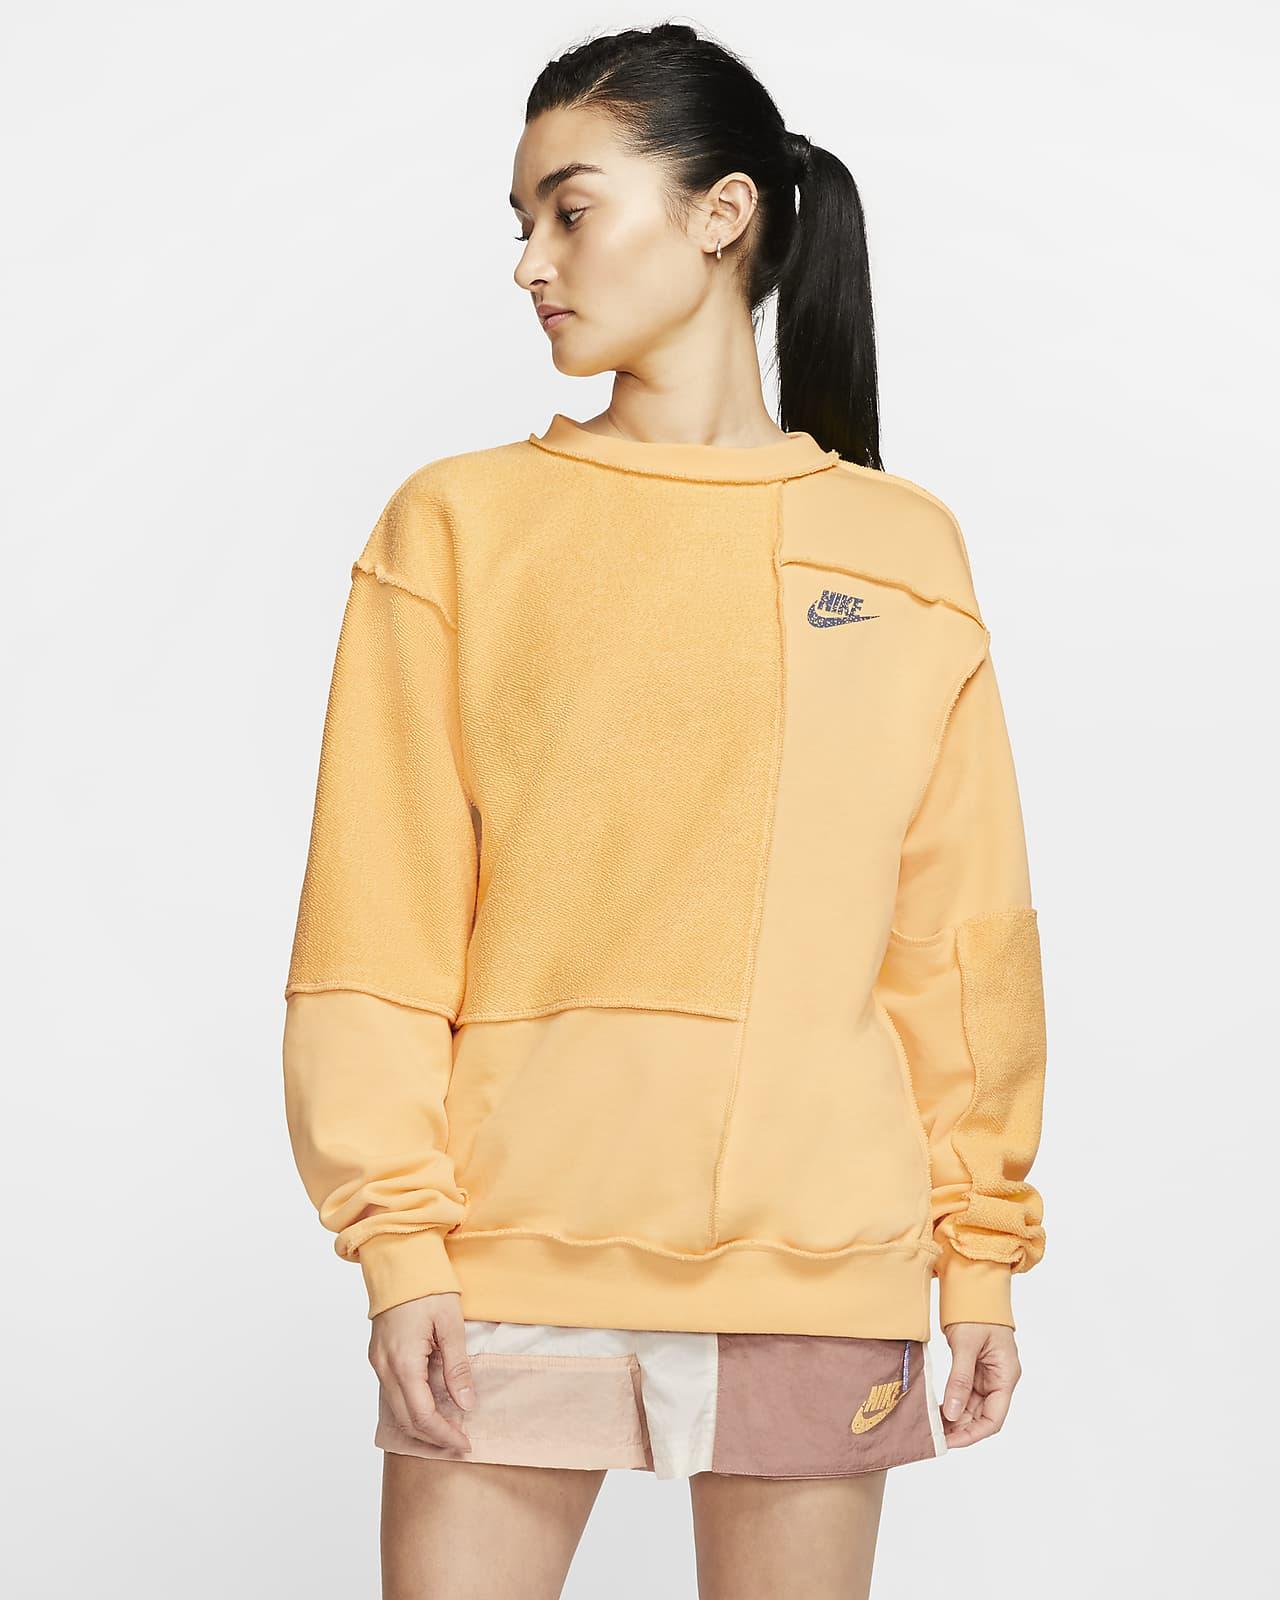 Nike Sportswear Icon Clash 女款 Fleece 貼身圓領上衣